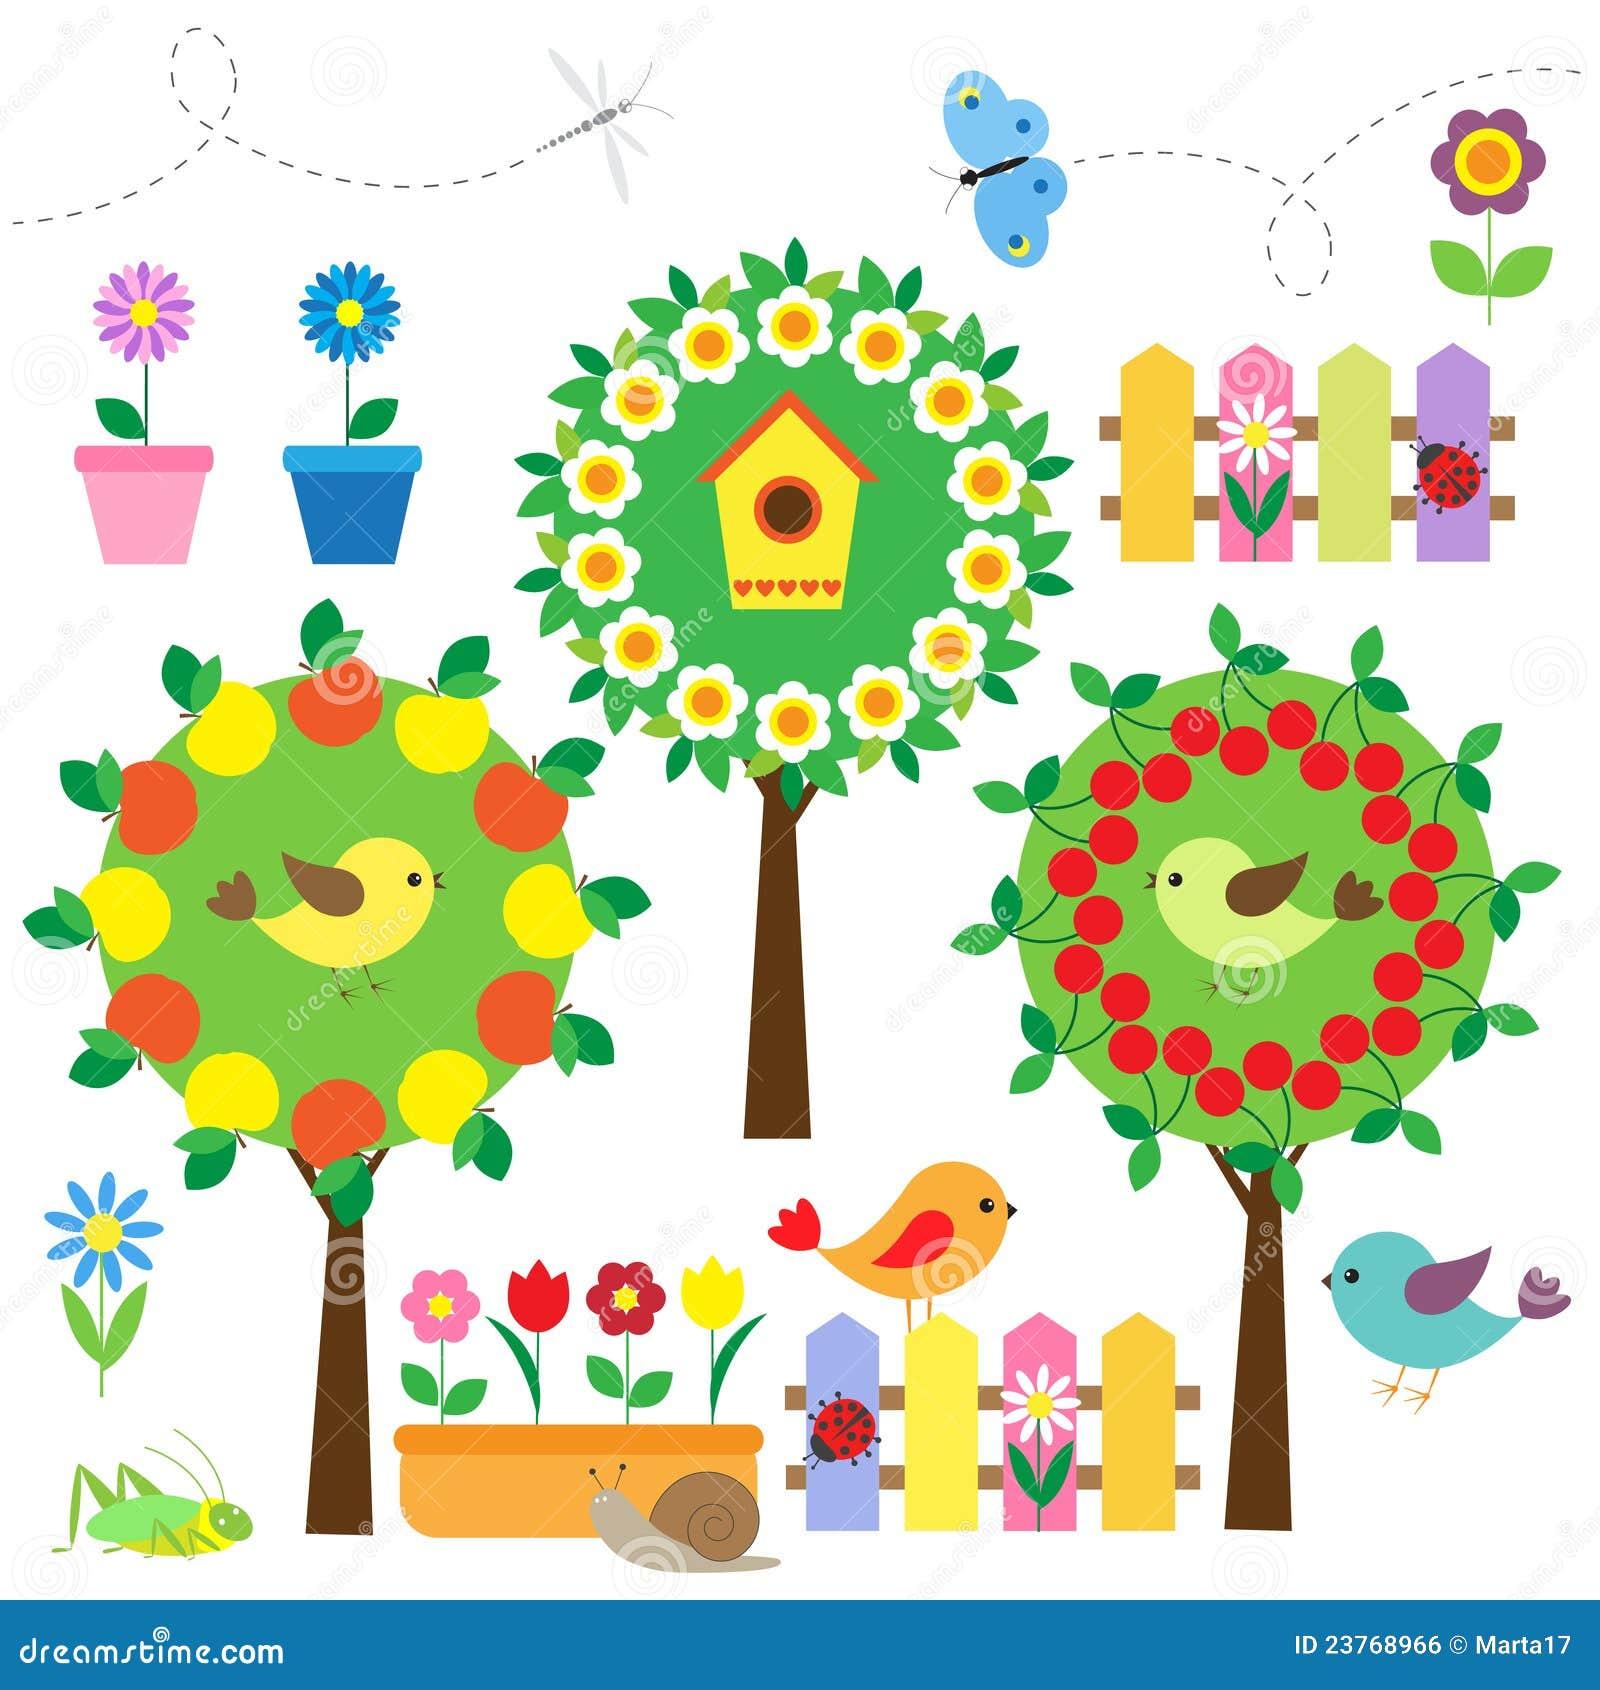 Free stock photo of garden - Royalty Free Stock Photo Cute Garden